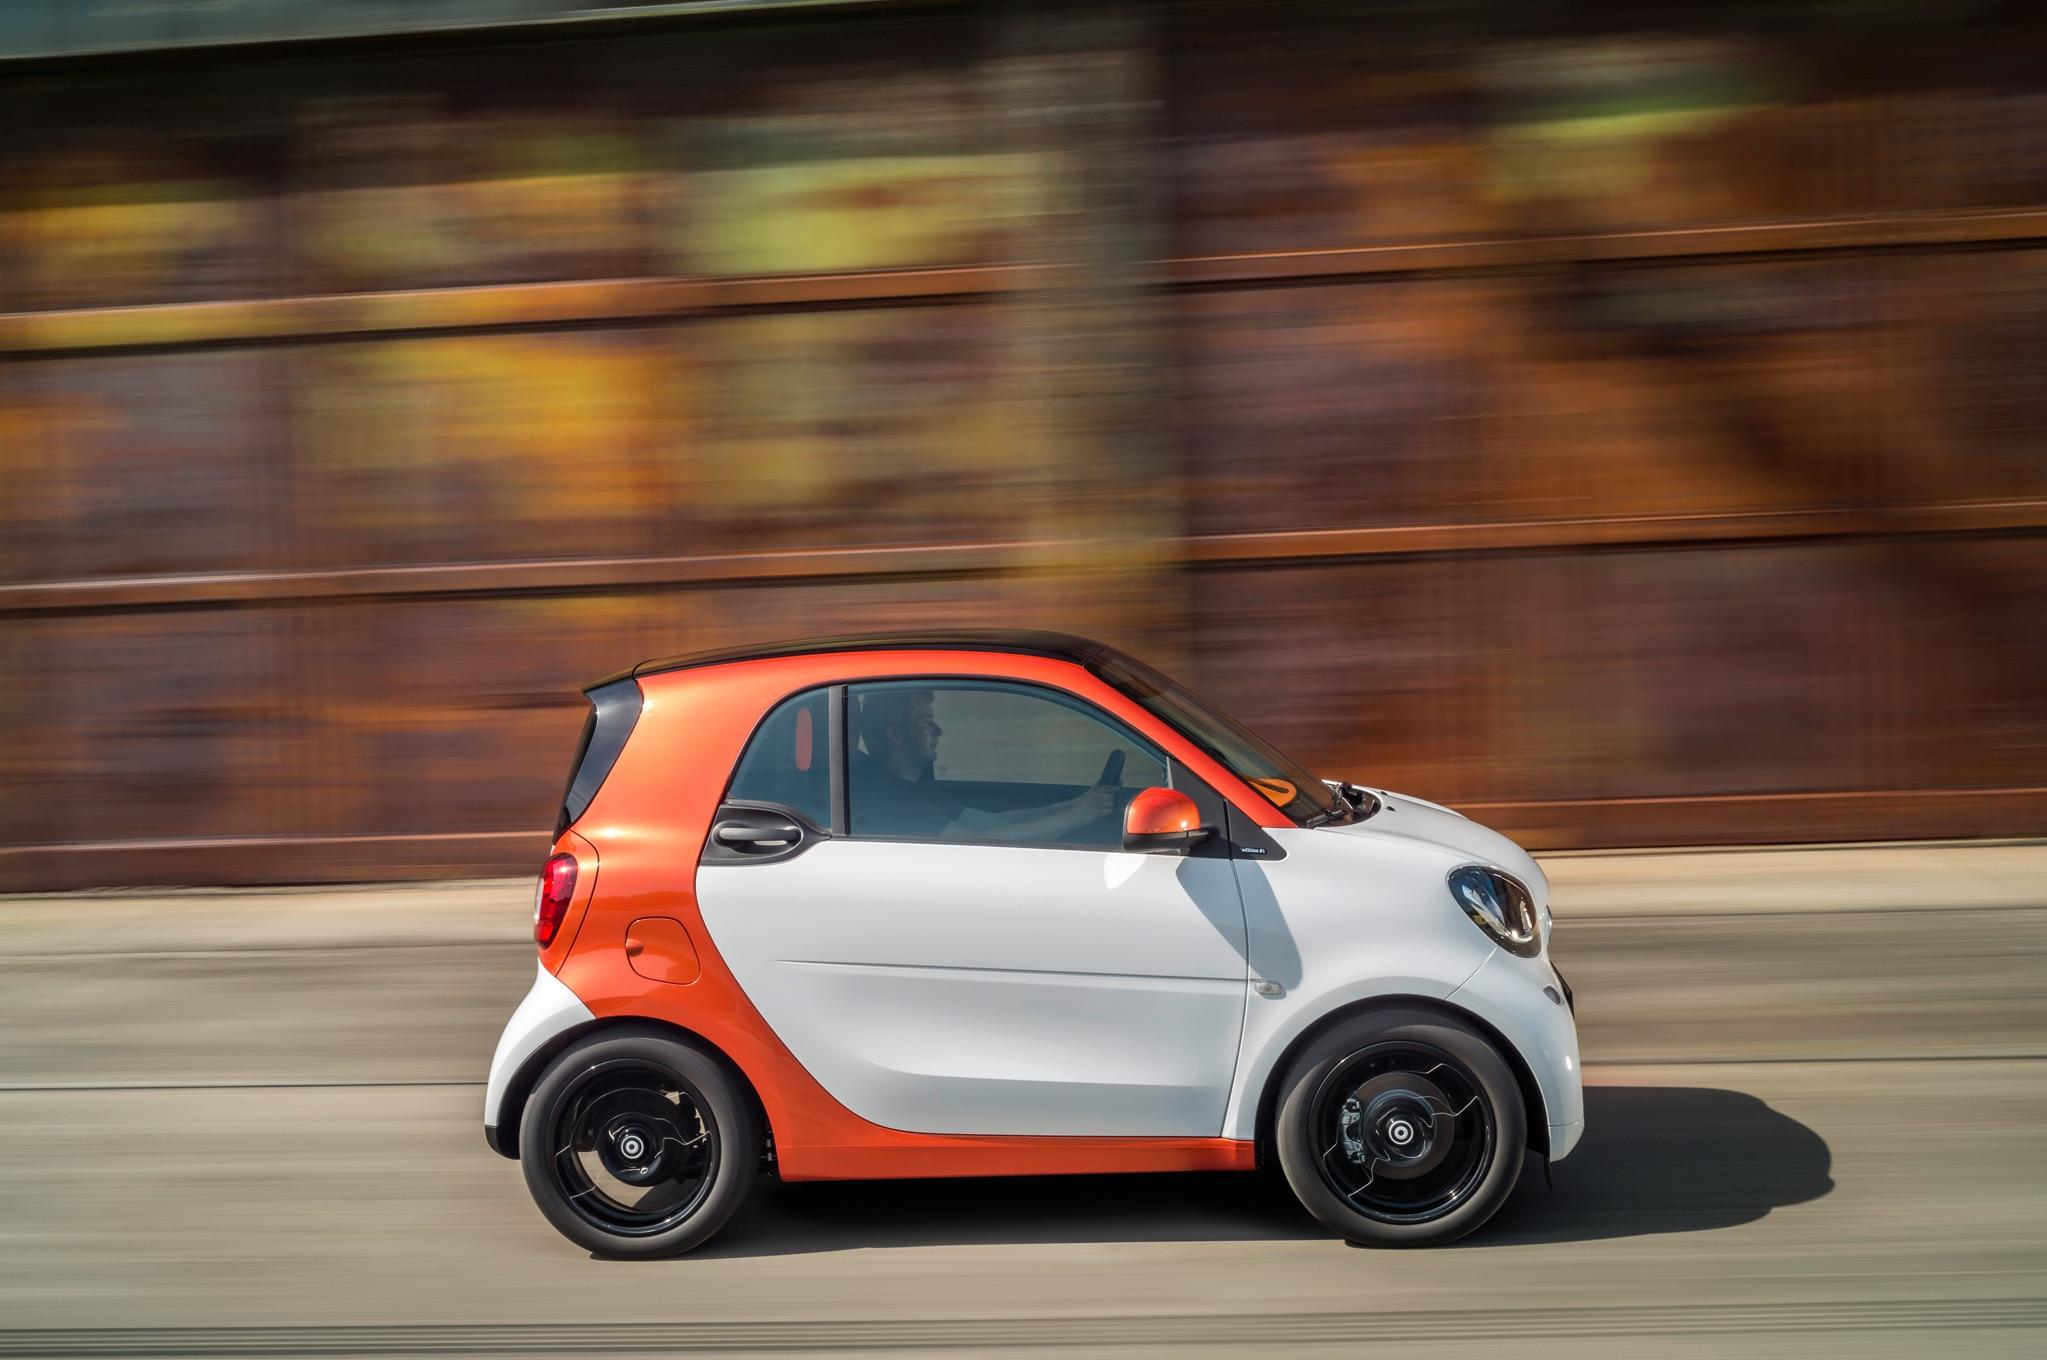 2016 Toyota Supra >> Smart Fortwo 2016 llegará en otoño a los distribuidores